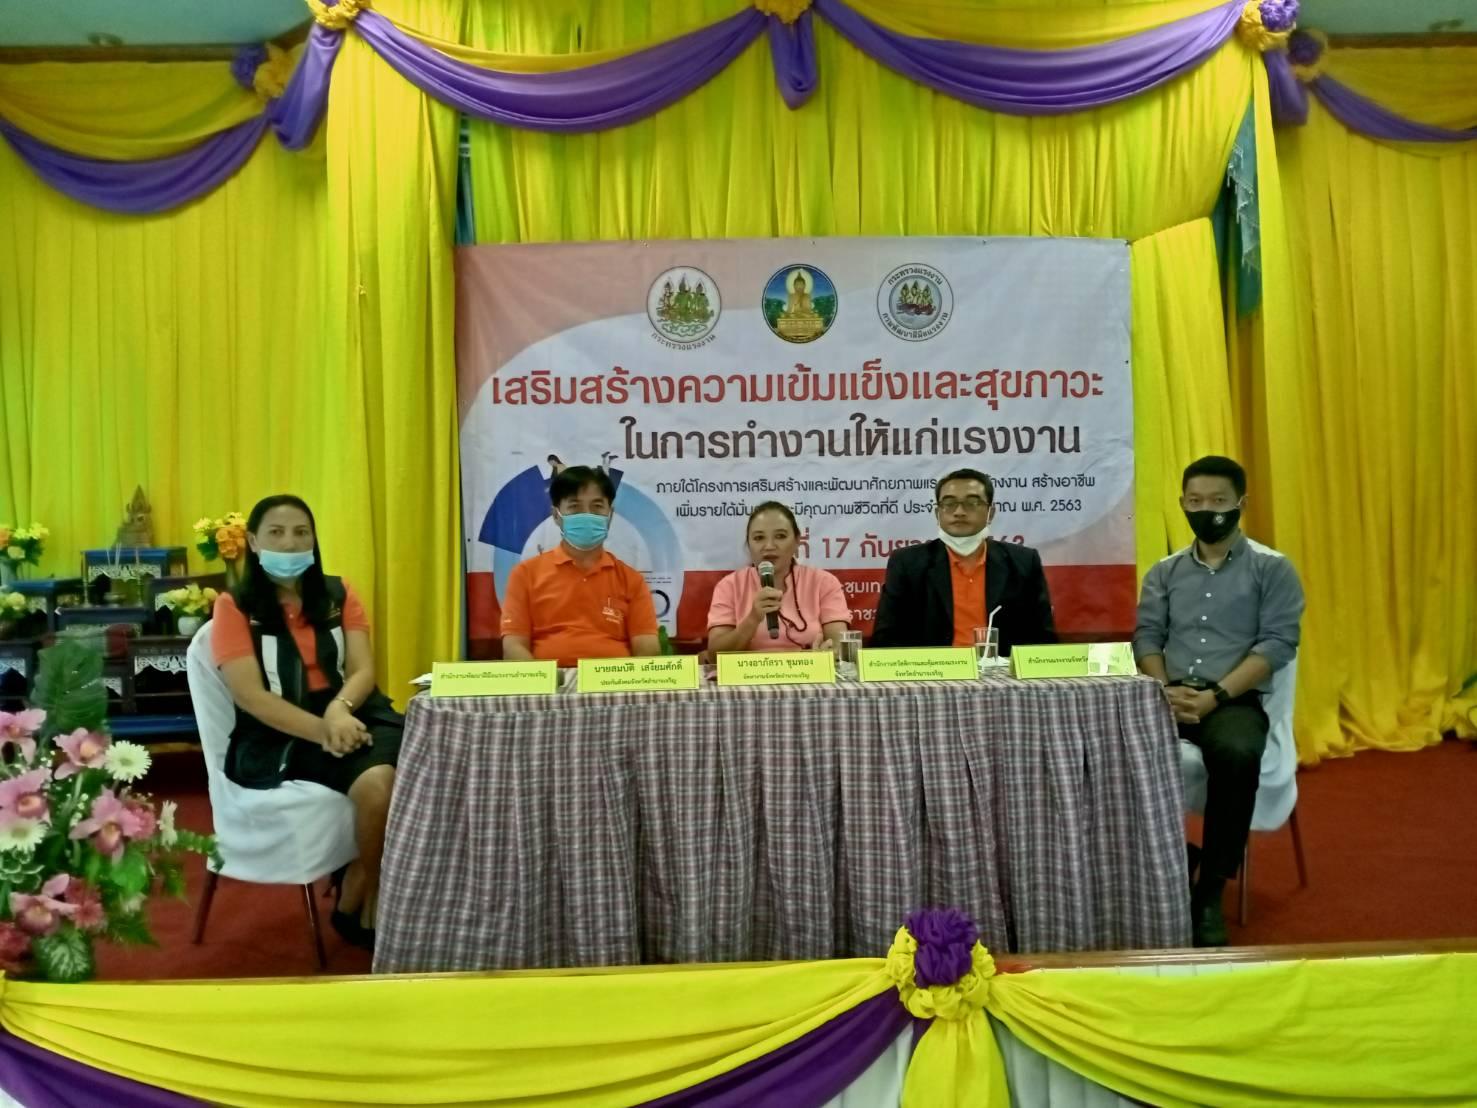 การเตรียมความพร้อมสู่สังคมผู้สูงอายุ(ปทุมราช) 17 กันยายน 25563